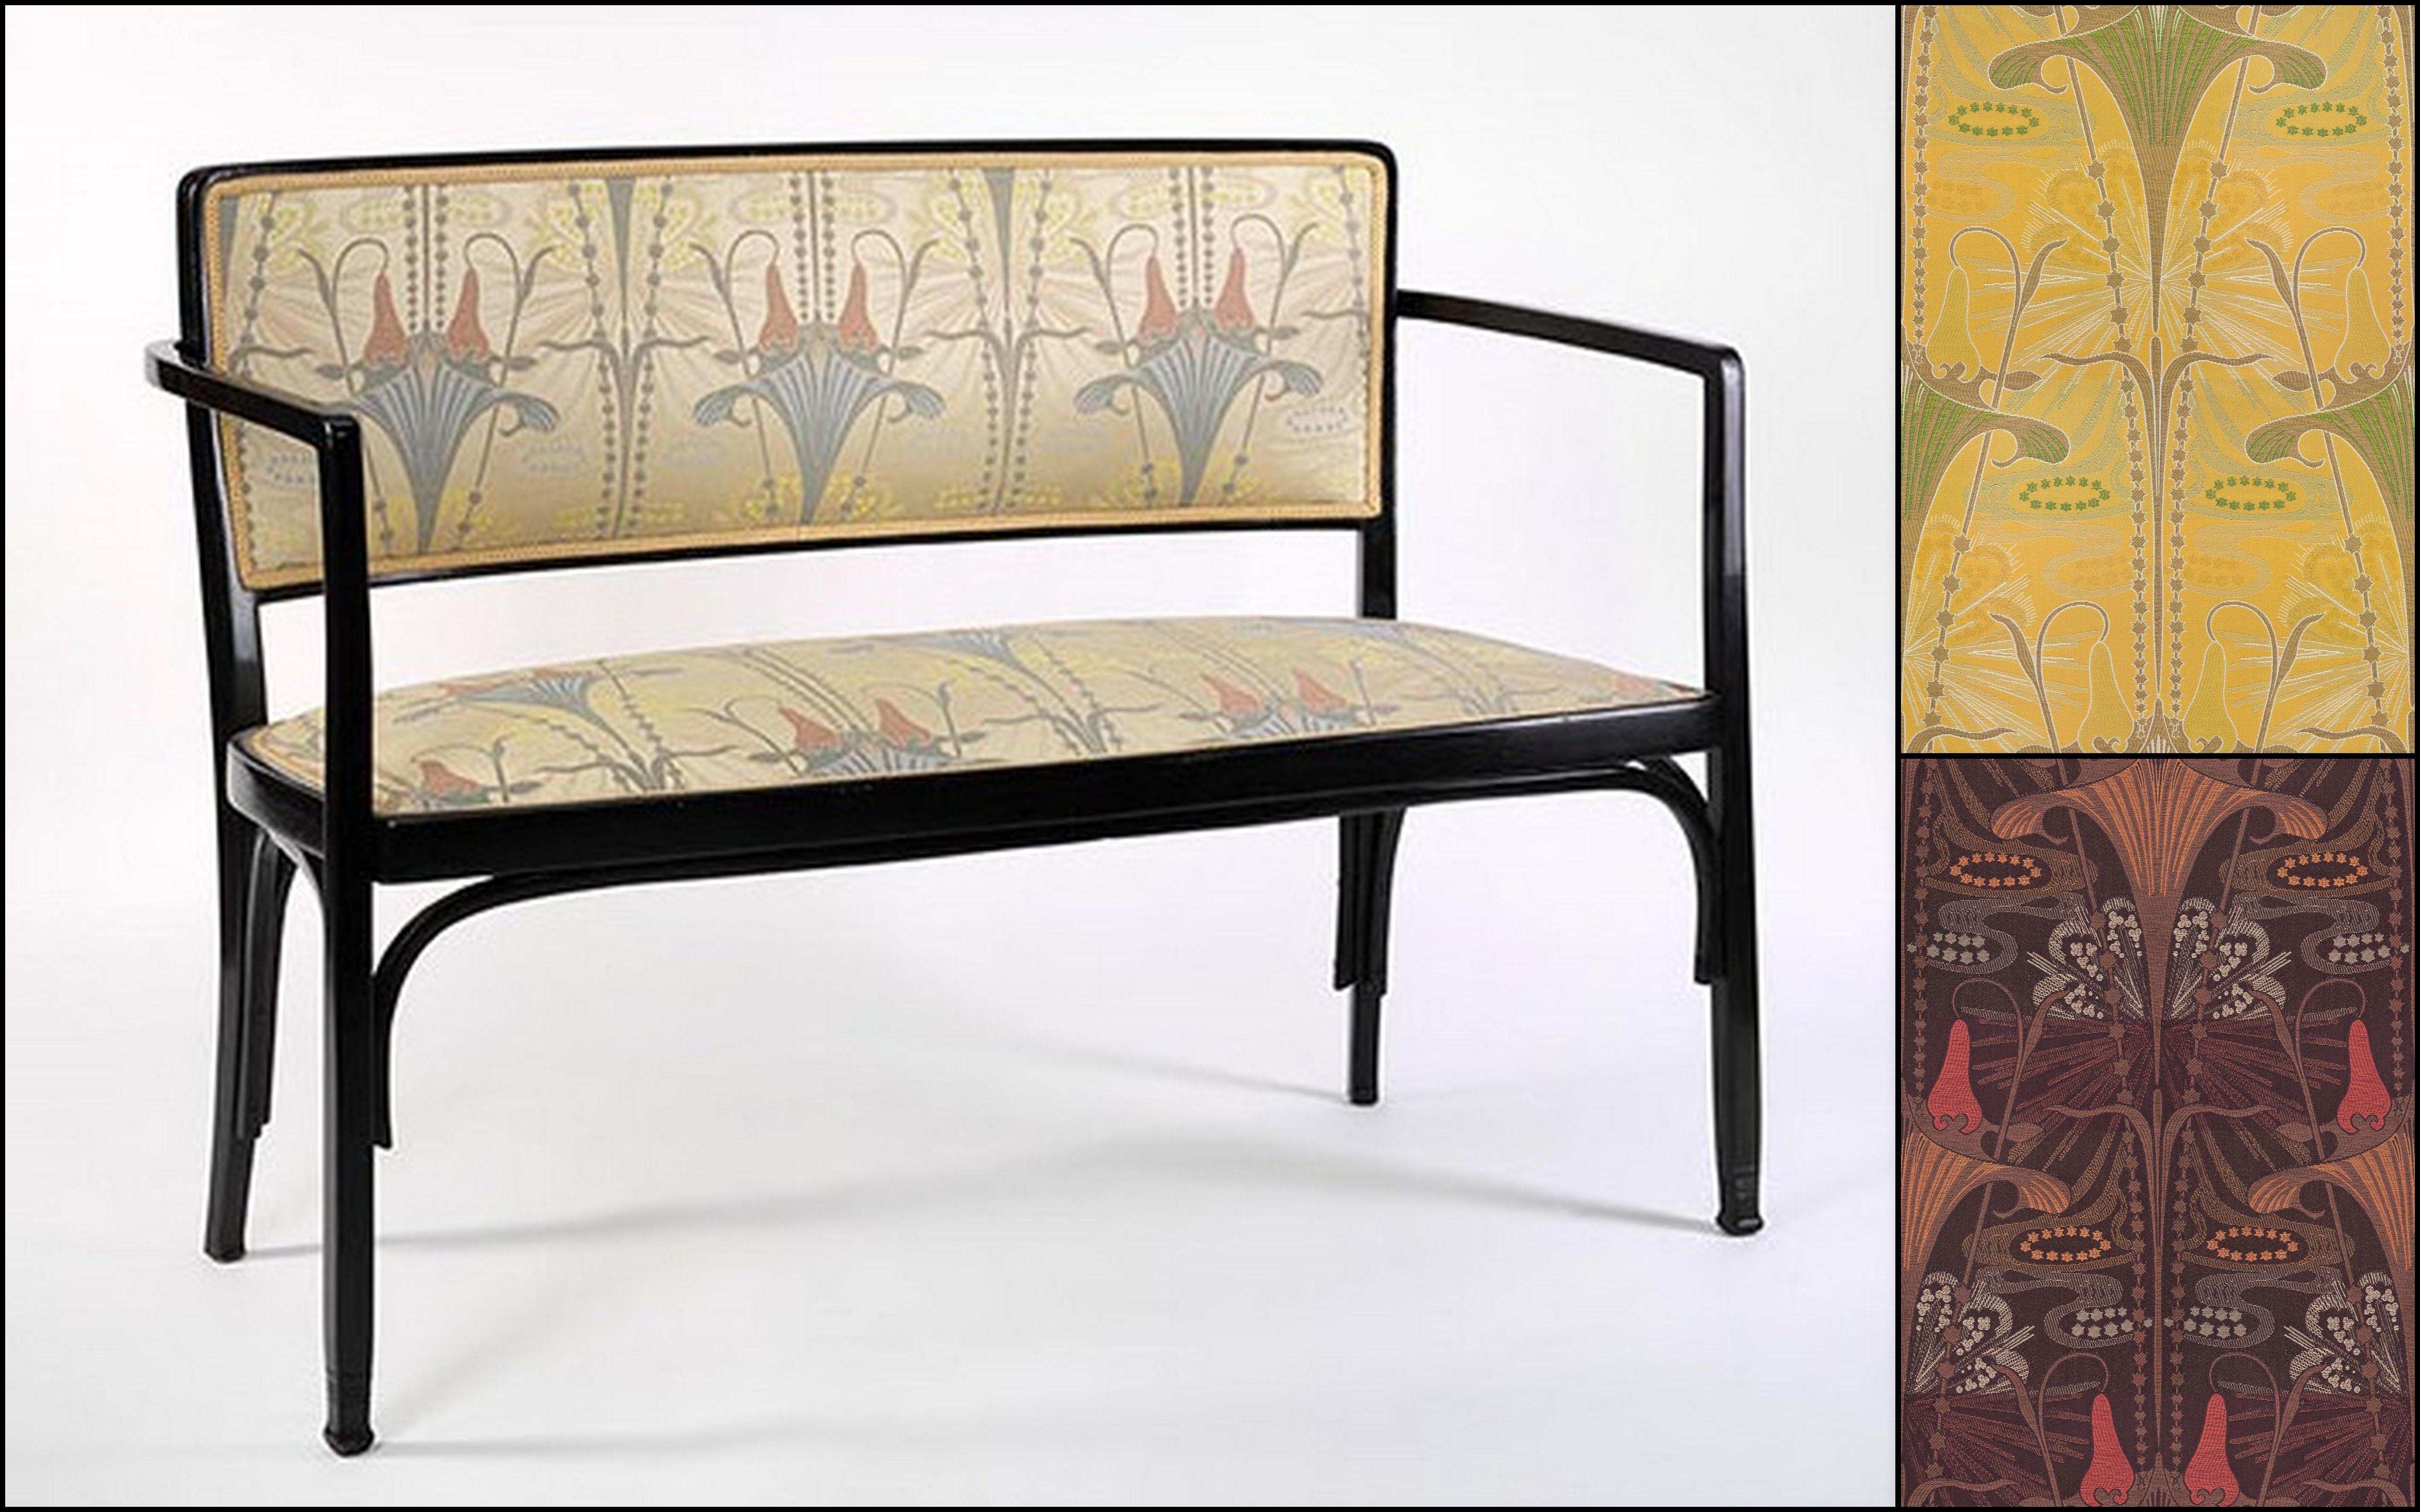 Maison art nouveau meubelstoffen maison l 39 art nouveau - Maison de l art nouveau ...